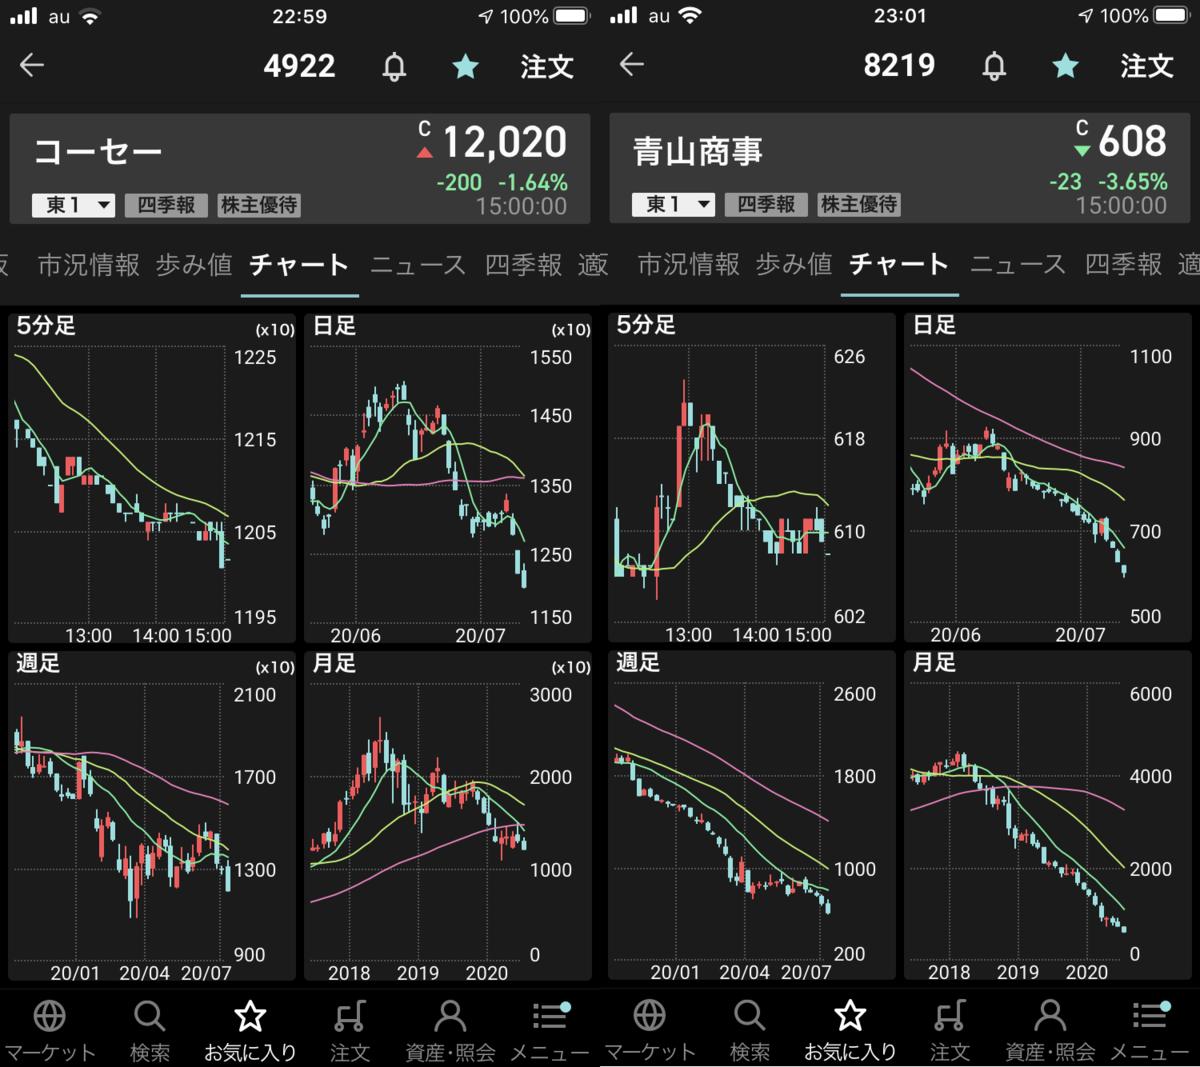 株で稼ぐ Kensinhan の投資ブログ 注目銘柄はコーセーと青山商事